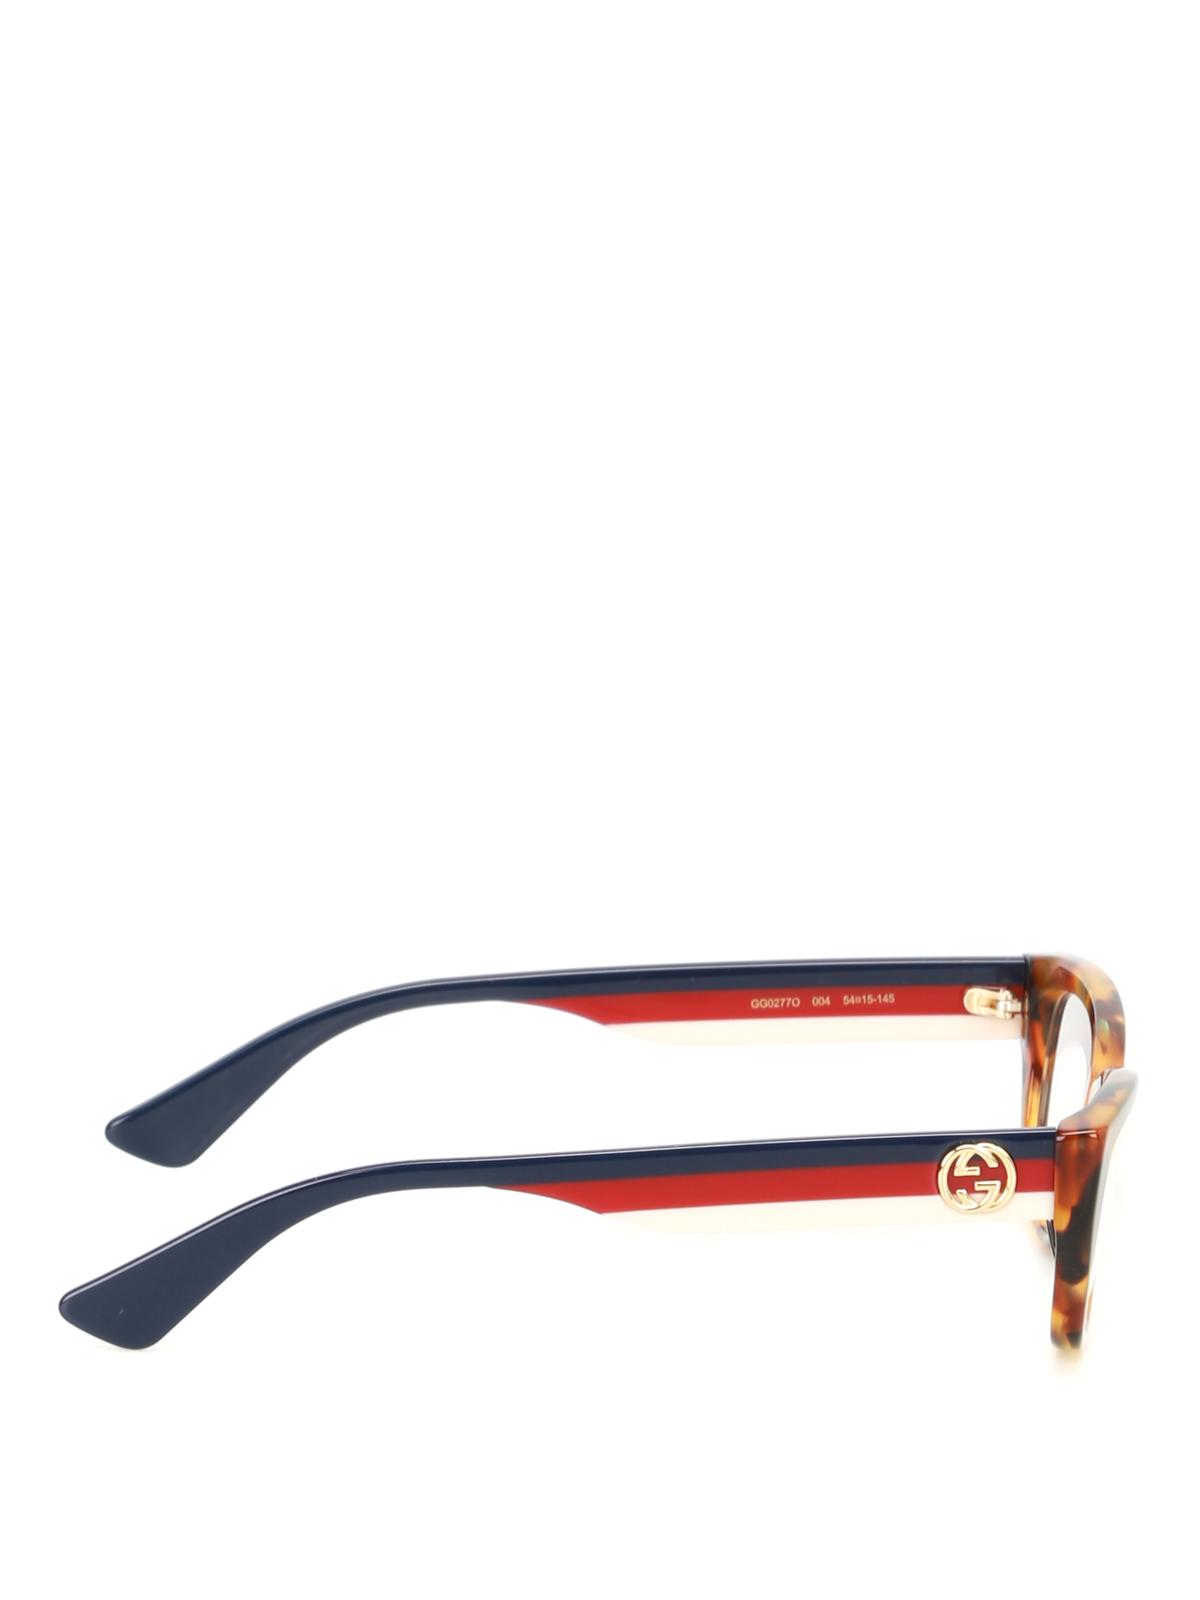 Brillen - Bunt von Gucci - Brillen | iKRIX